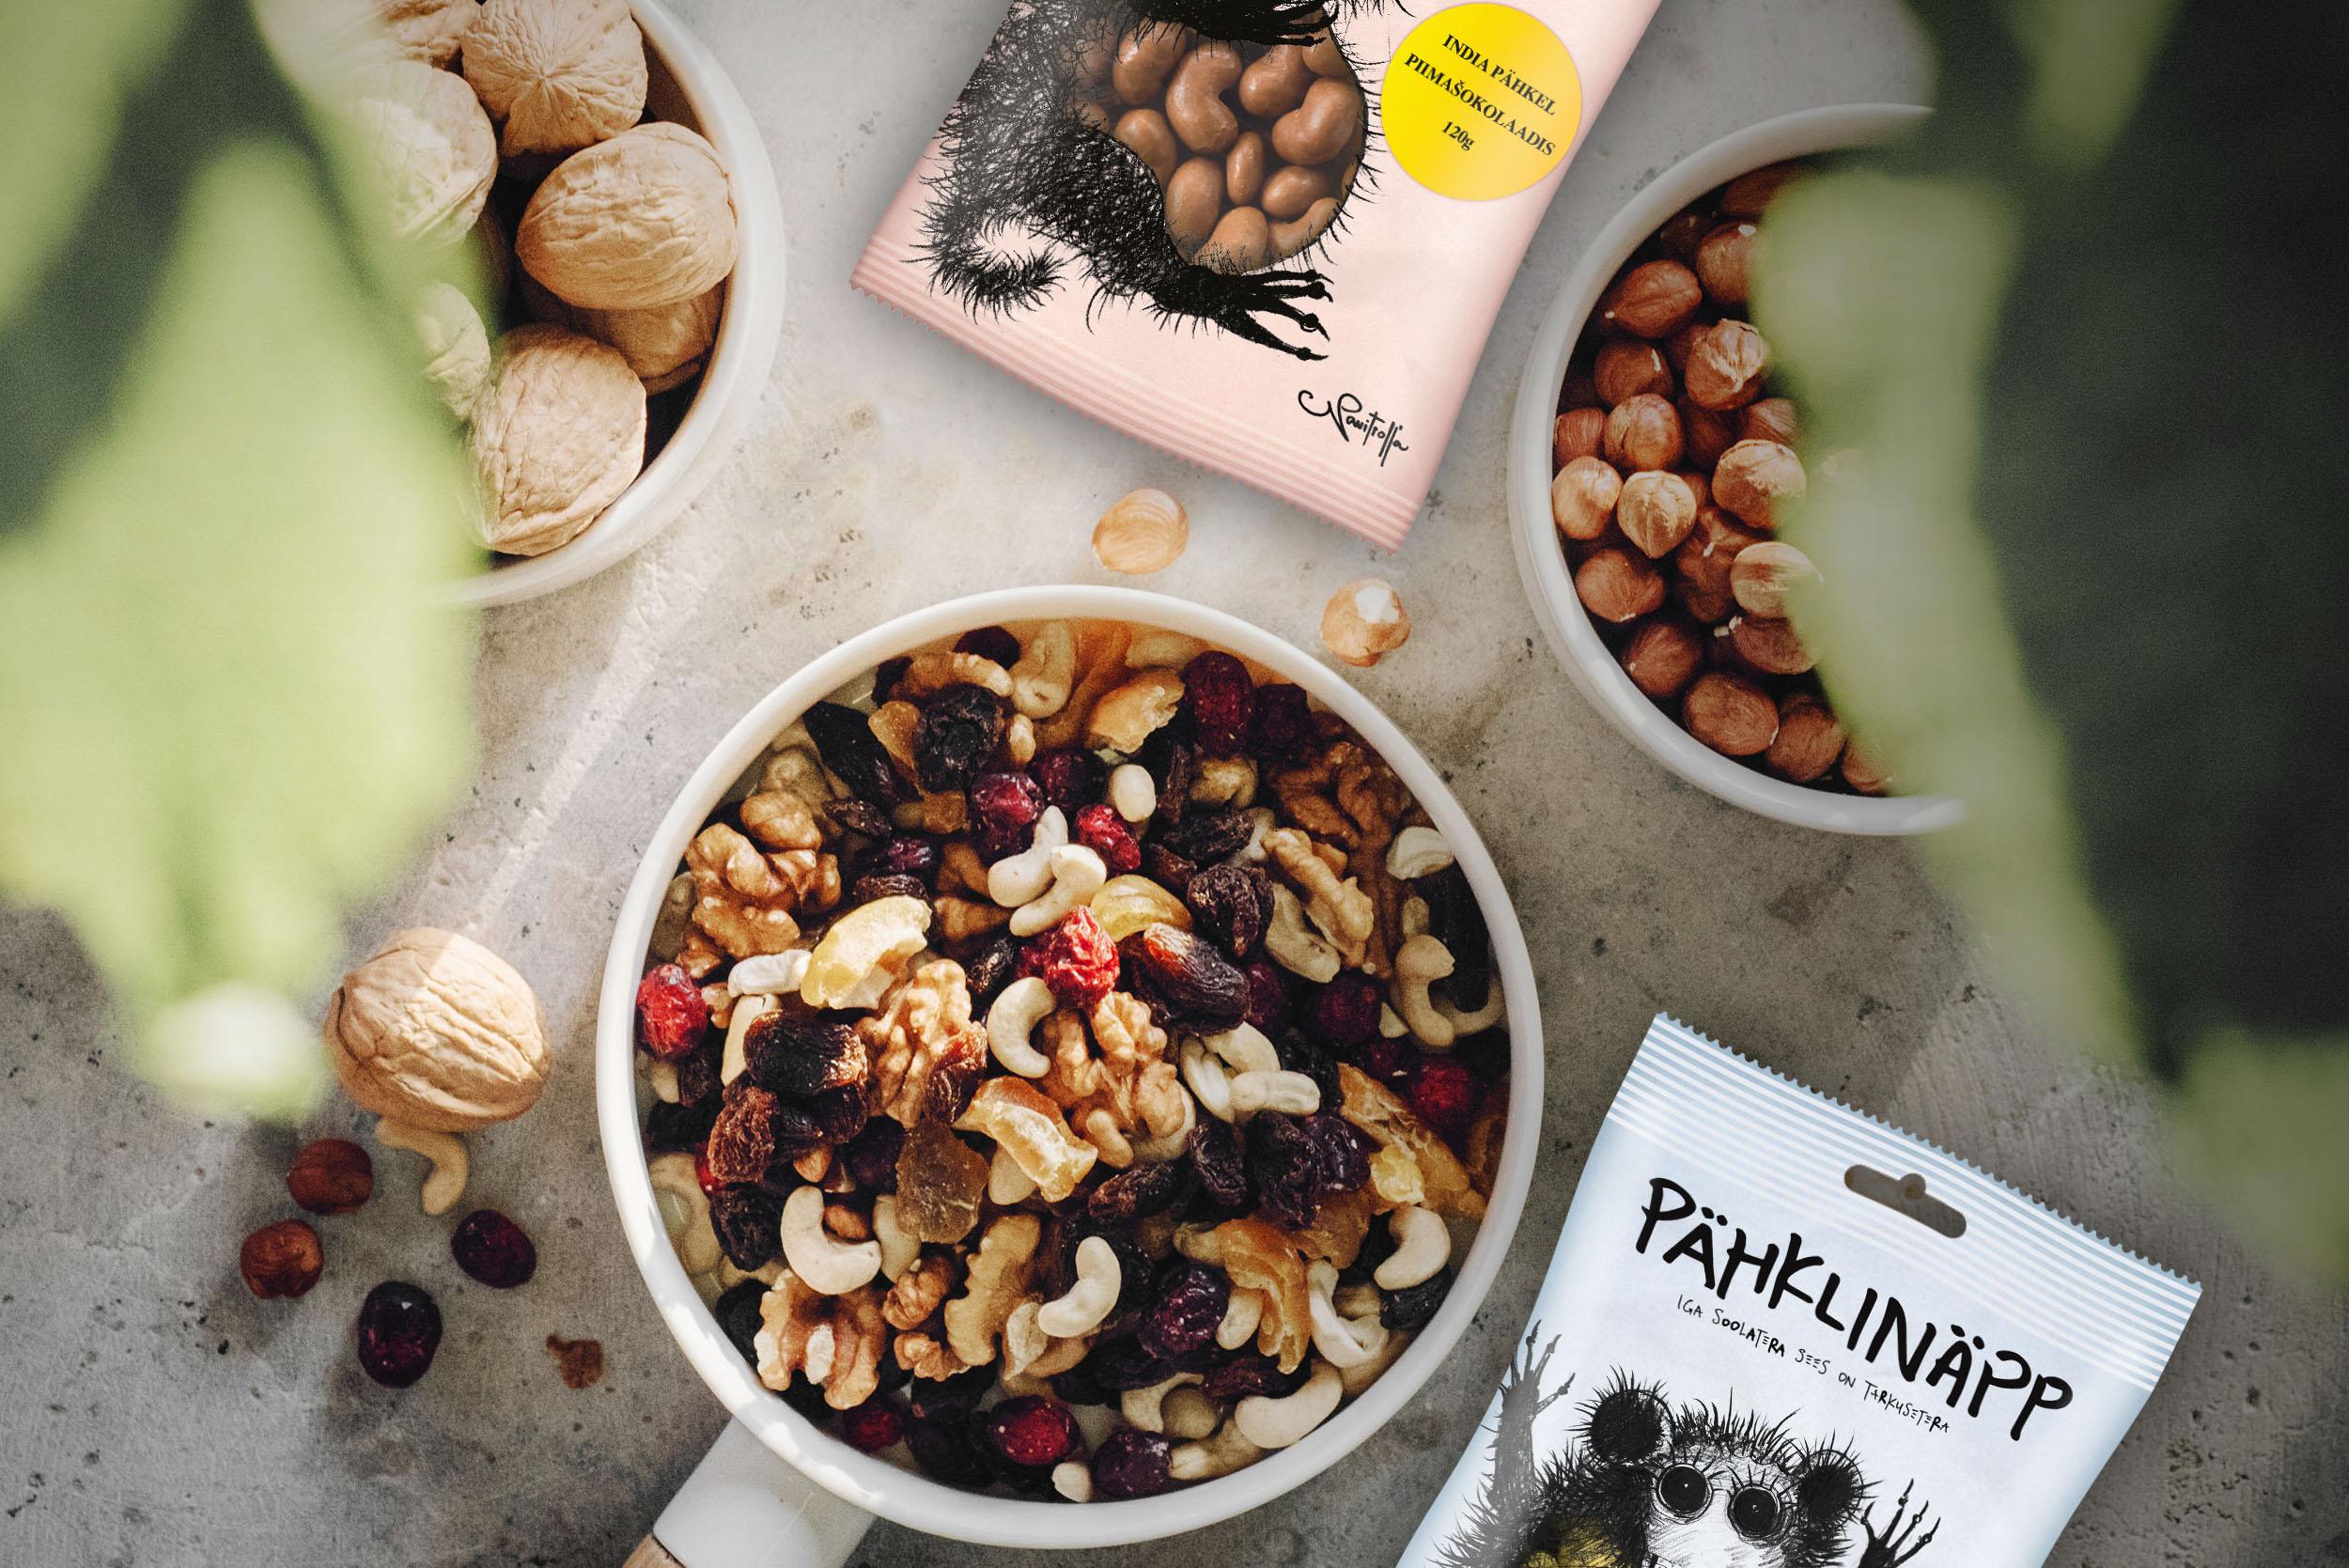 - Pähkllid on teadatuntud tegijad meie toidus, mis sisaldavad rohkelt tervislikke toitaineid, kuid kas sa oled kursis, mida kui palju ning milline pähkel sulle annab? Selleks kirjutame lihtsalt ja lühidalt lahti levinuimate pähklide omadused, et sa teaksid, mida iga peotäis selles krabisevas kotis sinuga teeb.Lühidalt kokkuvõttes on pähklites rikkalikult mineraalaineid. Näiteks parapähklid ehk brasiilia pähklid on eestlasele eriti vajalikud, kuna sisaldavad palju seleeni, mida me oma kodusest toidust liialt kaasa ei saa. Pähkleid võib lugeda ka loomse valgu ja raua asendajaks, mis teeb ta eriti sobivaks taimetoitlastele ja veganitele, kes on loobunud piimatoodetest ja lihast. Lisaks kõigele eelnevale hoiavad pähklid südame ja veresoonkonna ning pea ja närvisüsteemi haiguste vaba. Üleüldiselt on pähklid hea snäkkimiseks ja toidulaua osaks.Loe juba altpoolt täpsemalt, mida erinevad pähklid sulle annavad.